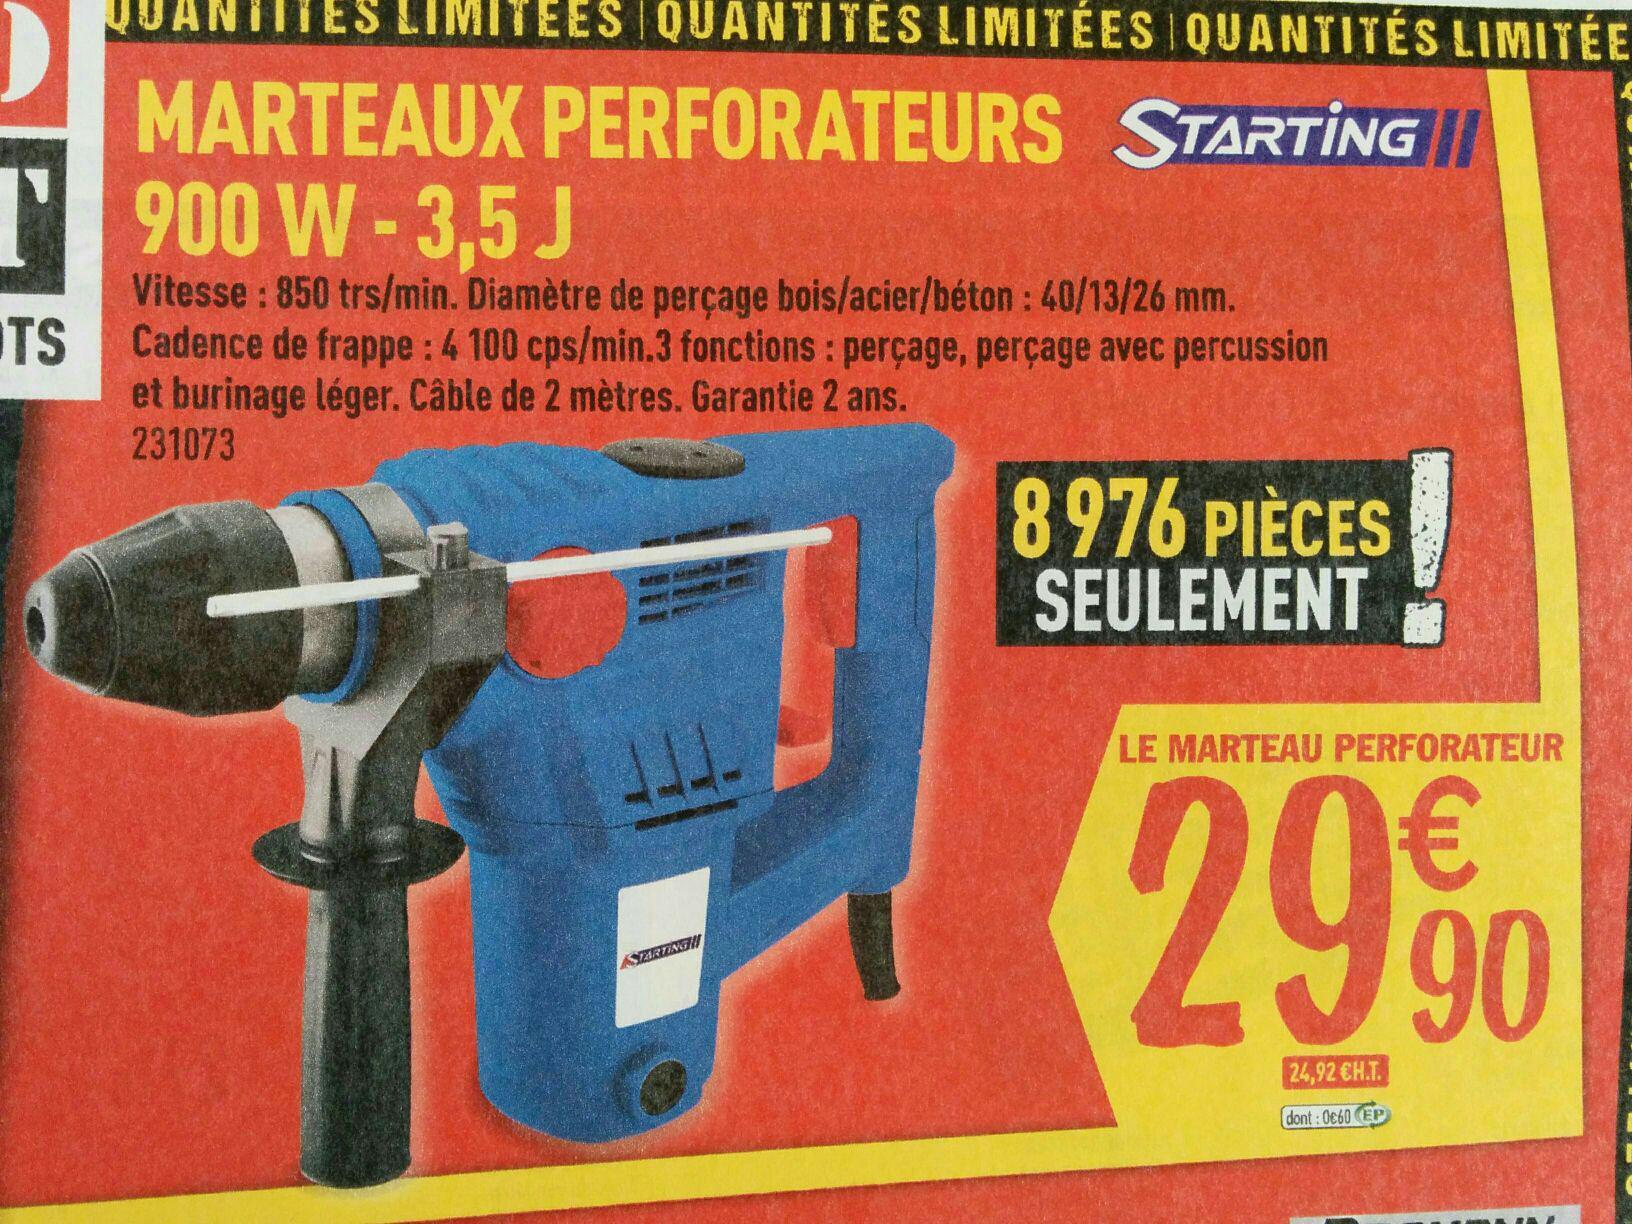 Marteaux perforateurs 900w - 3,5J